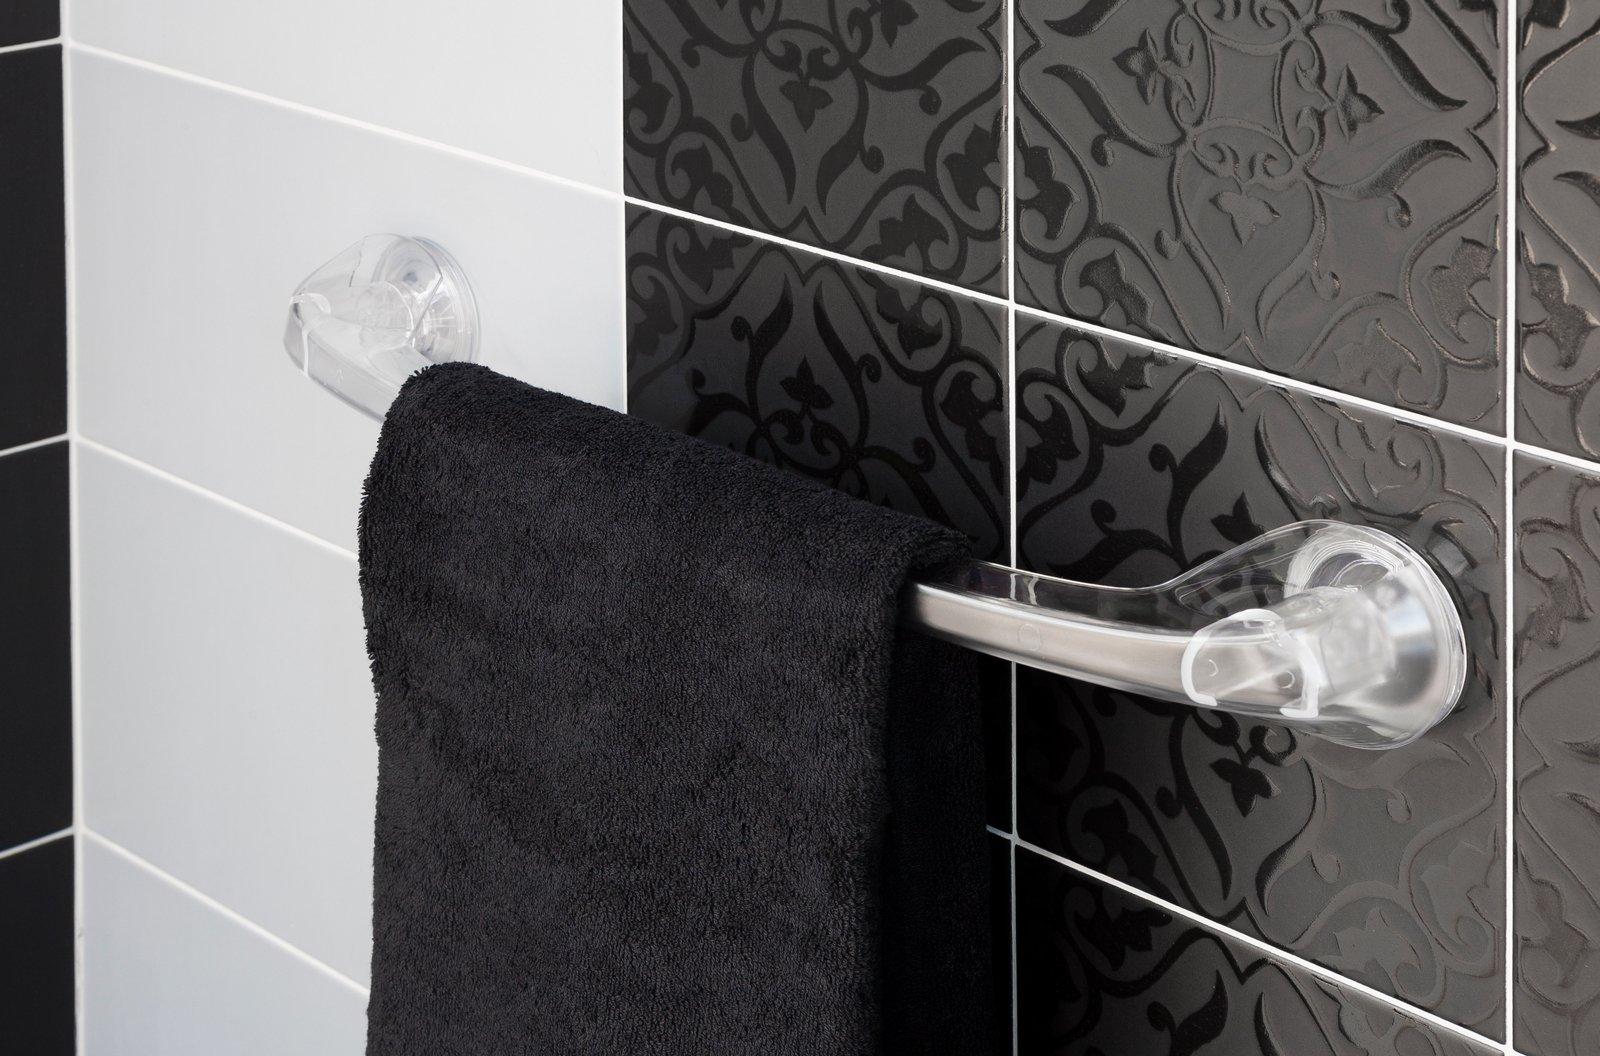 Portasciugamani per il bagno cose di casa - Scala decorativa ikea ...